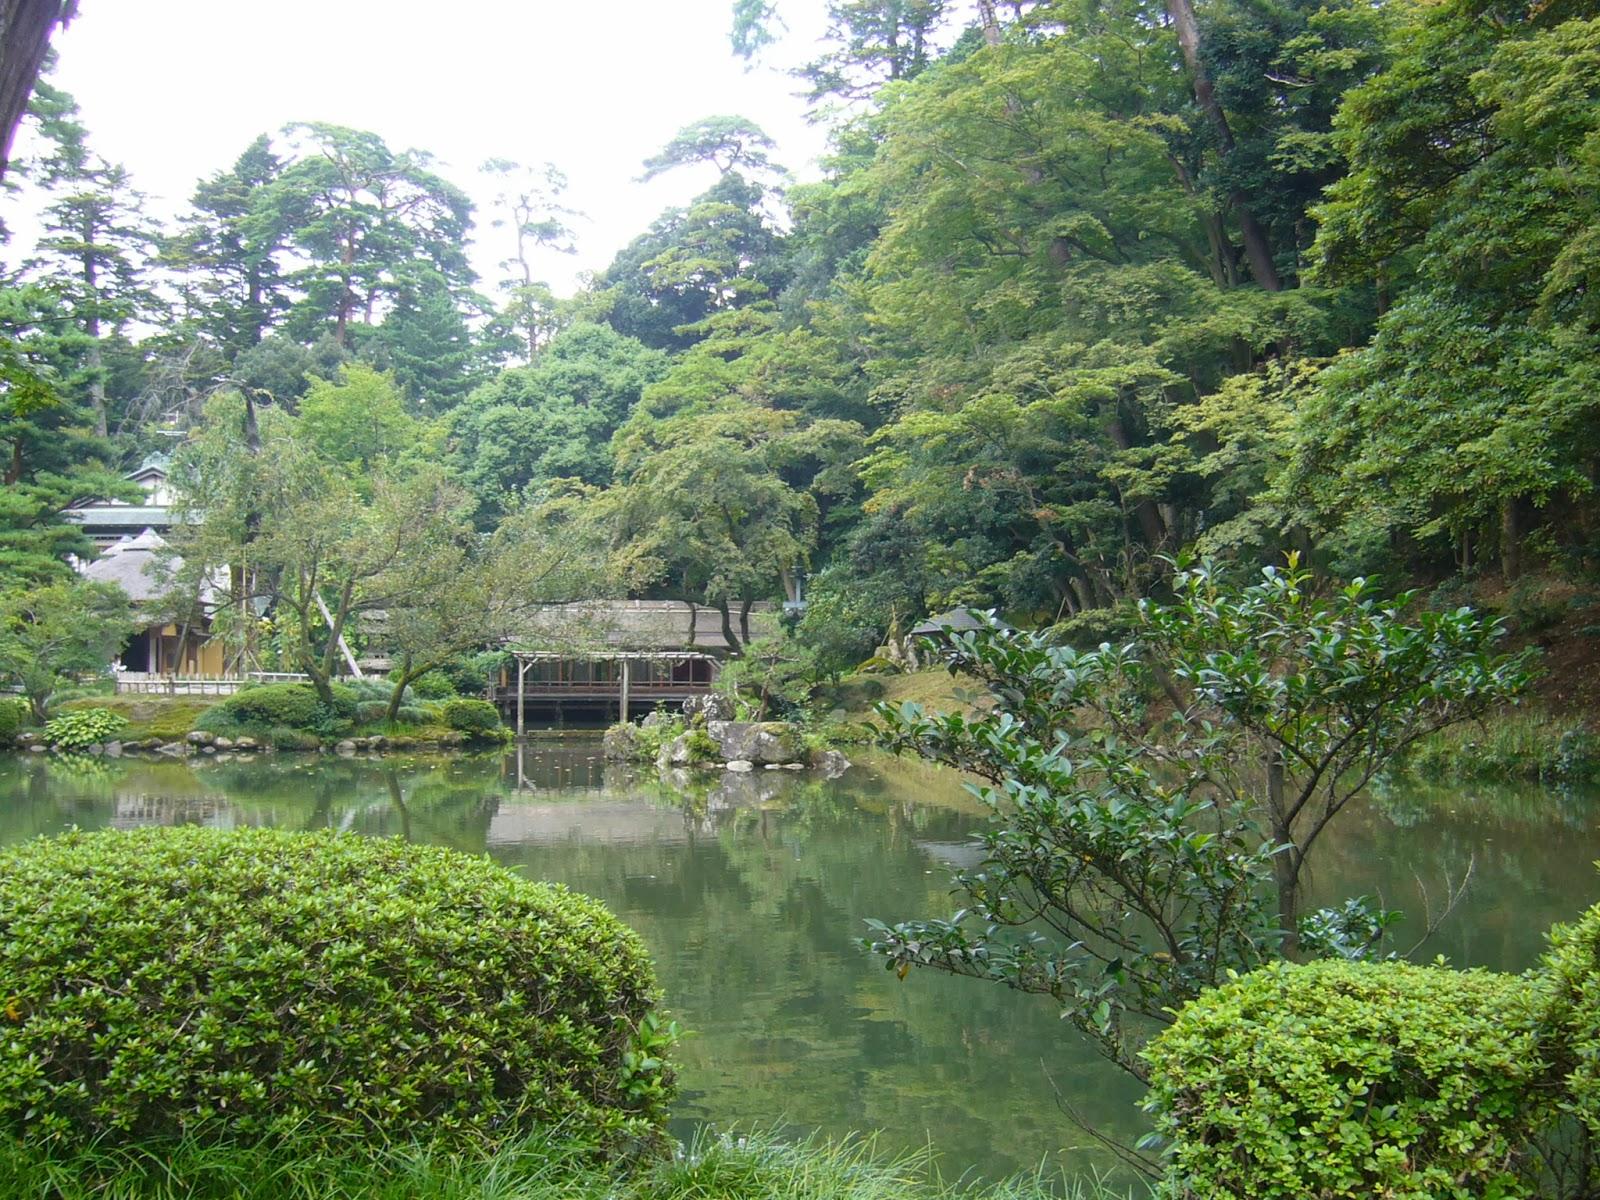 Un mexicano en jap n kenrokuen en kanazawa for Jardin kenrokuen